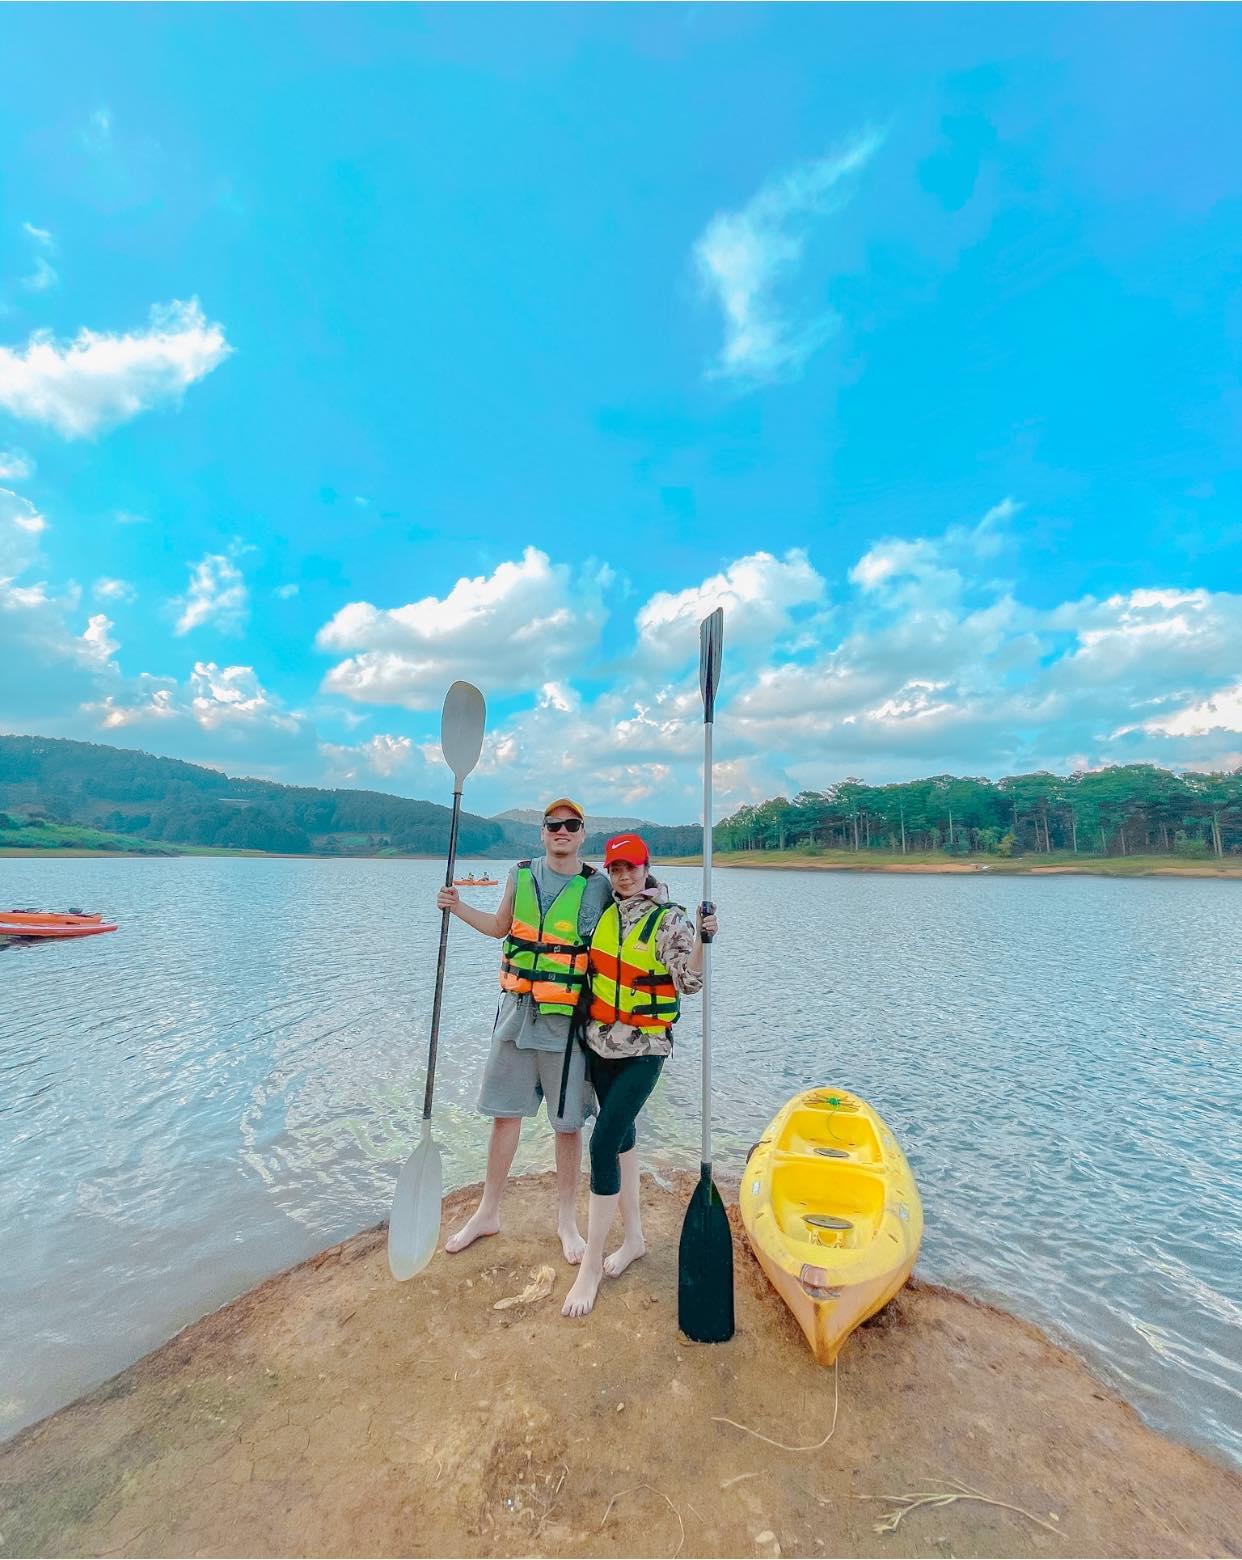 Chèo thuyền ở hồ Tuyền Lâm